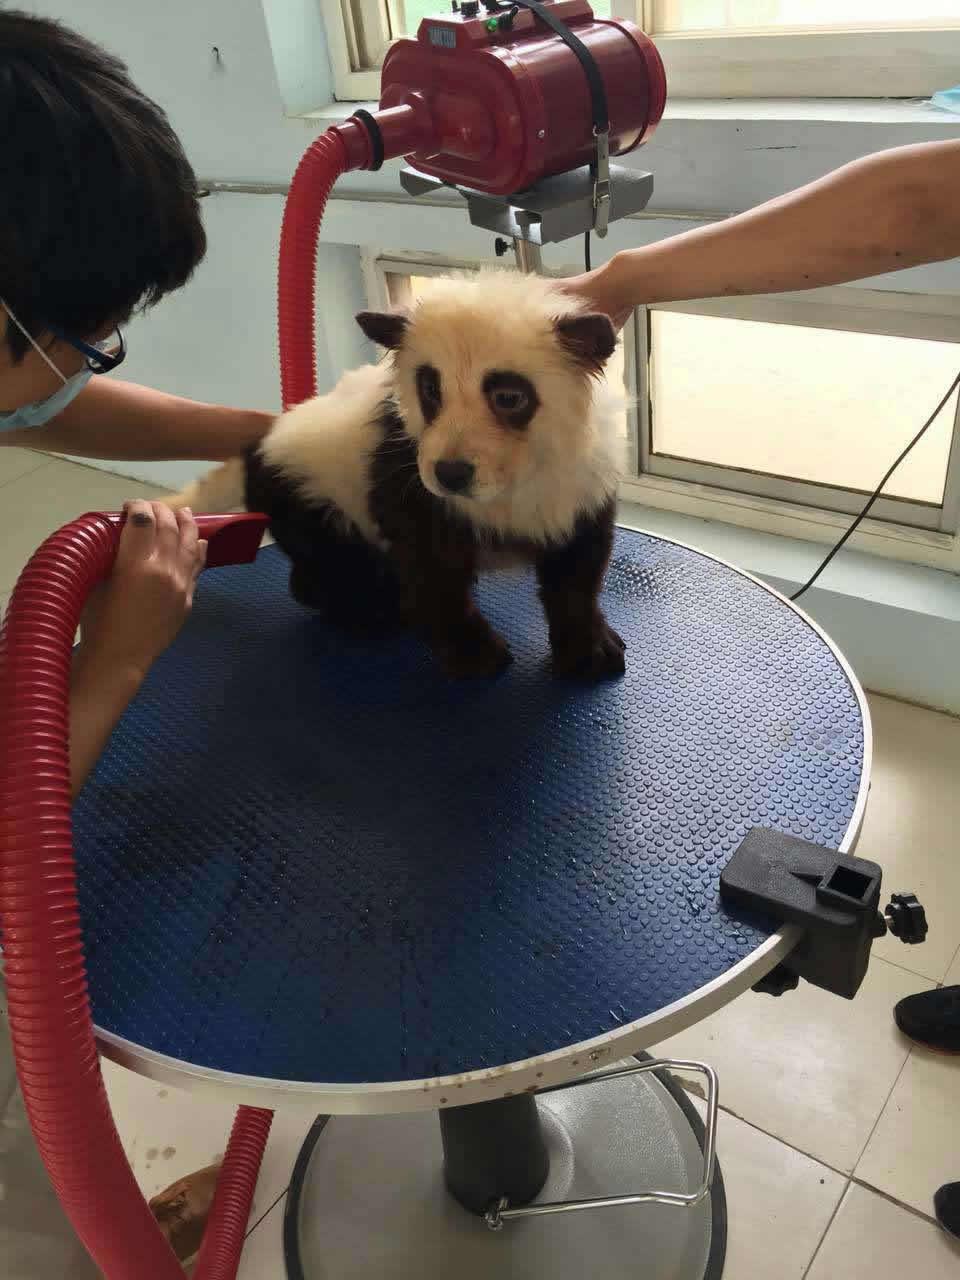 动物的样子,其中憨态可掬的熊猫妆一出现就吸引了